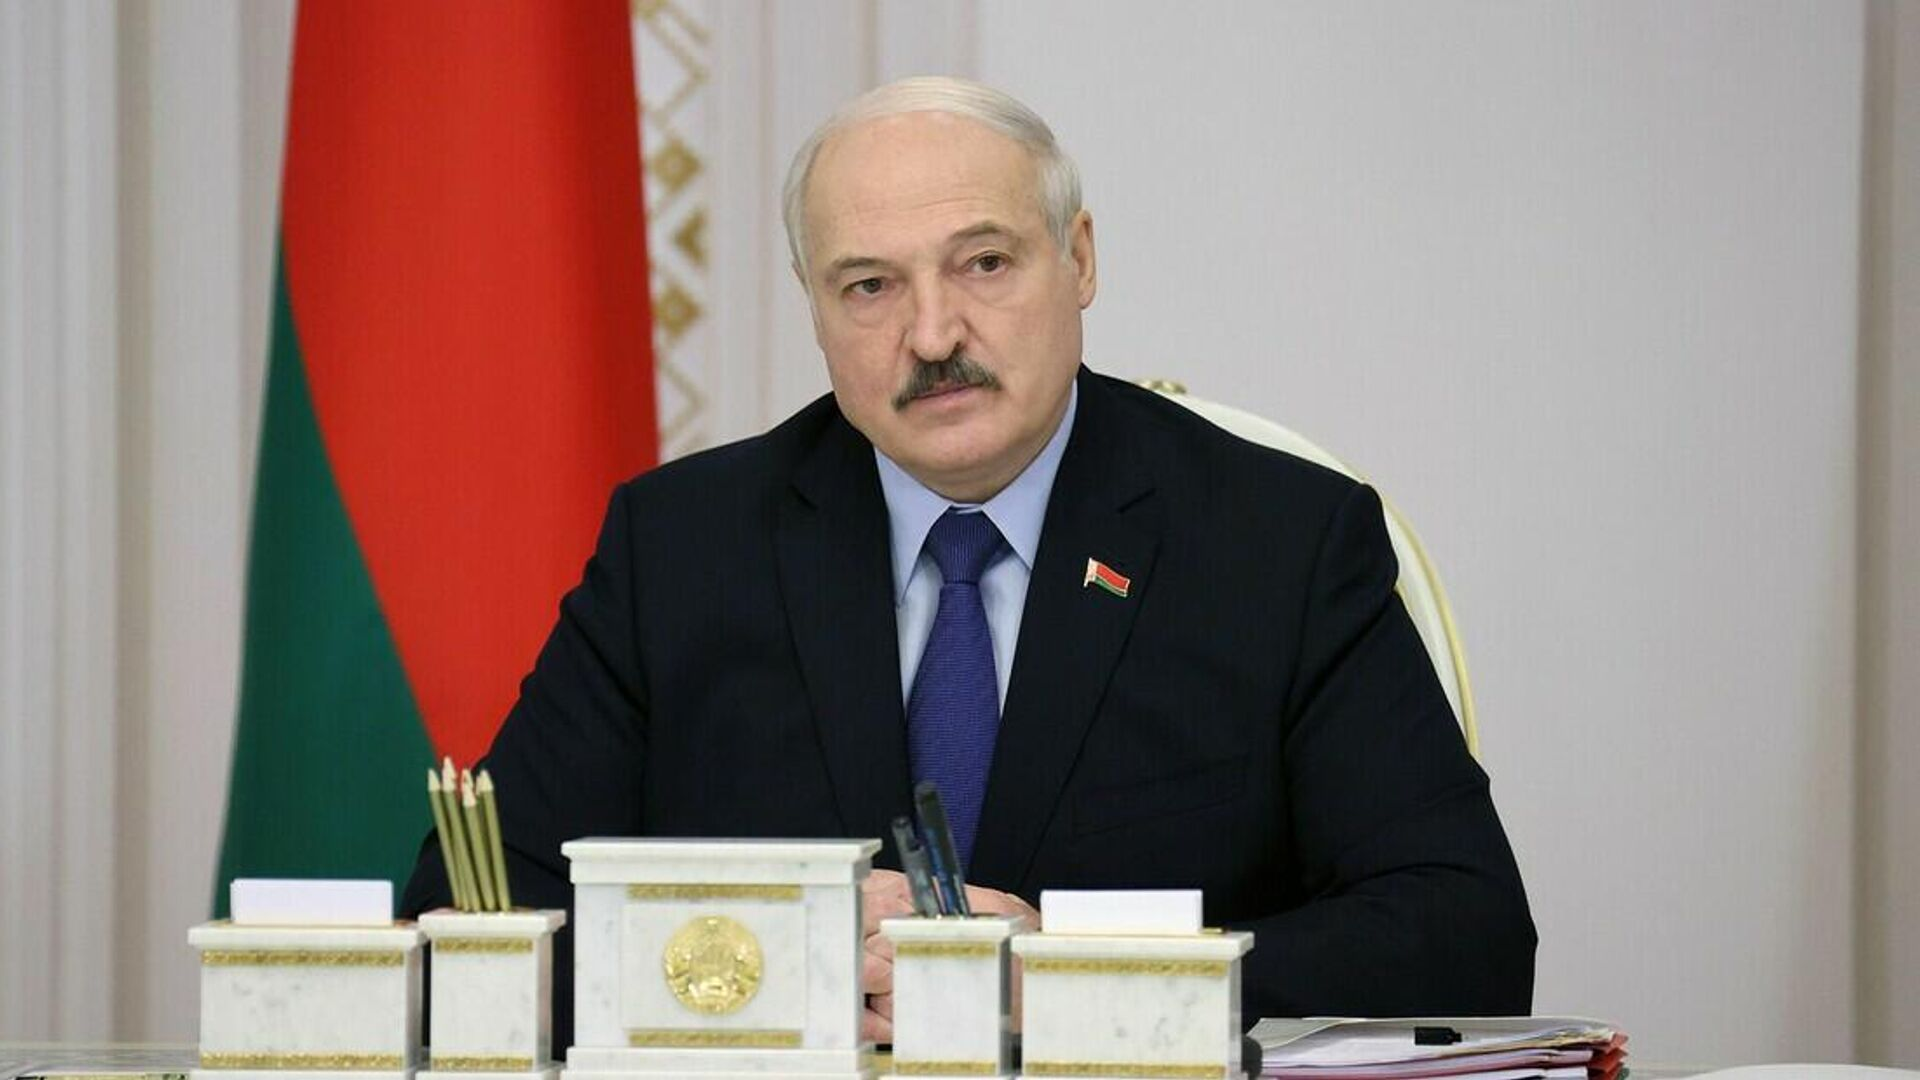 Александр Лукашенко на совещании с руководством Совета Министров - Sputnik Беларусь, 1920, 21.09.2021